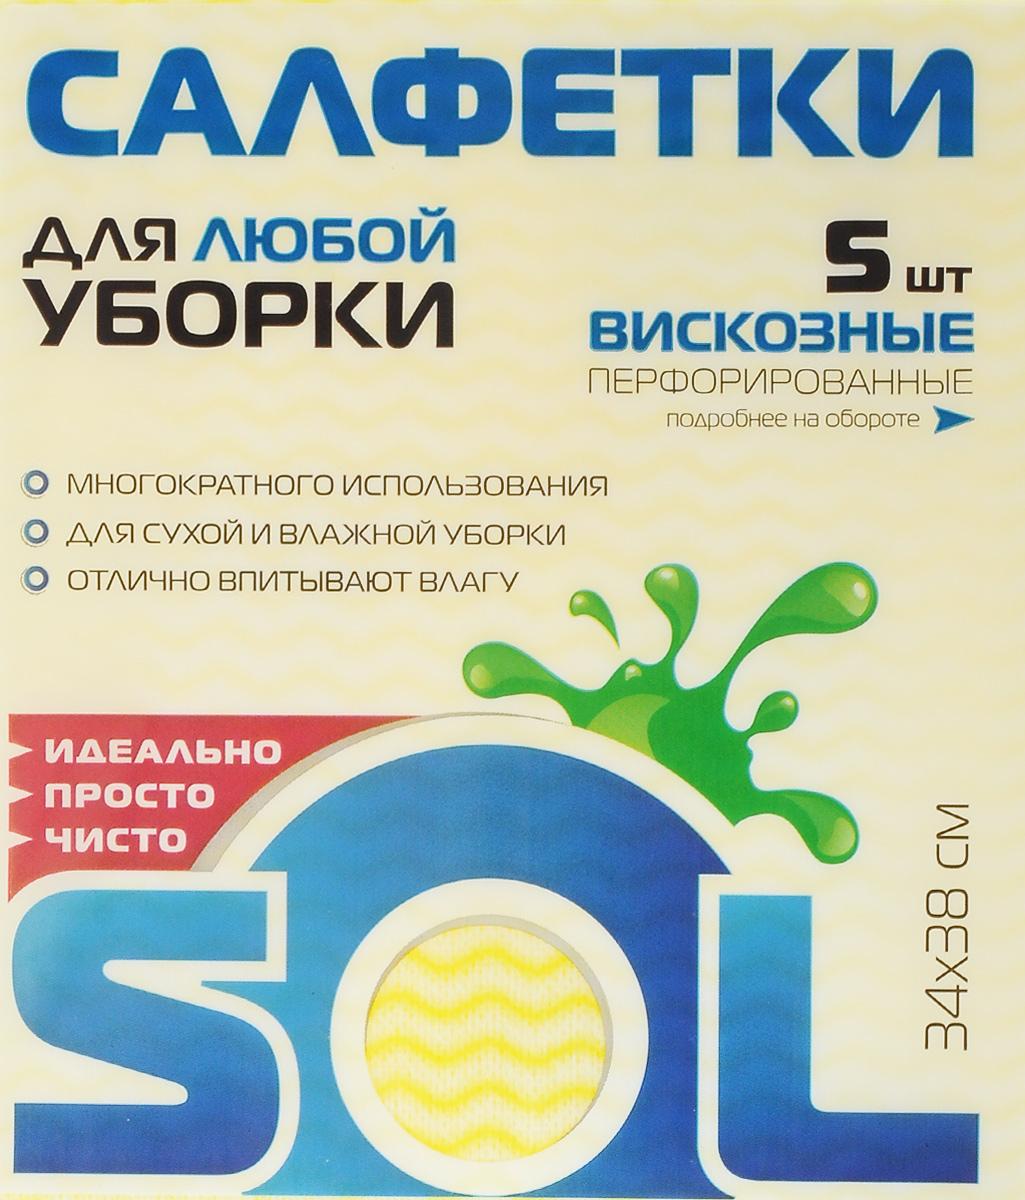 Салфетка для уборки Sol, из вискозы, перфорированная, цвет: желтый, 34 x 38 см, 5 штDAVC150Перфорированные салфетки Sol, выполненные из вискозы, предназначены для сухой и влажной уборки и могут применяться с различными моющими средствами. Благодаря перфорации салфетка быстро высыхает, что позволяет избежать возникновения неприятных запахов. Отлично подходит для полировки различных поверхностей, не оставляет разводов и ворсинок, хорошо впитывает влагу. Рекомендации по уходу: Для обеспечения гигиеничности уборки после применения прополоскать в теплой воде.Для продления срока службы не применять машинную стирку, не гладить и не кипятить.